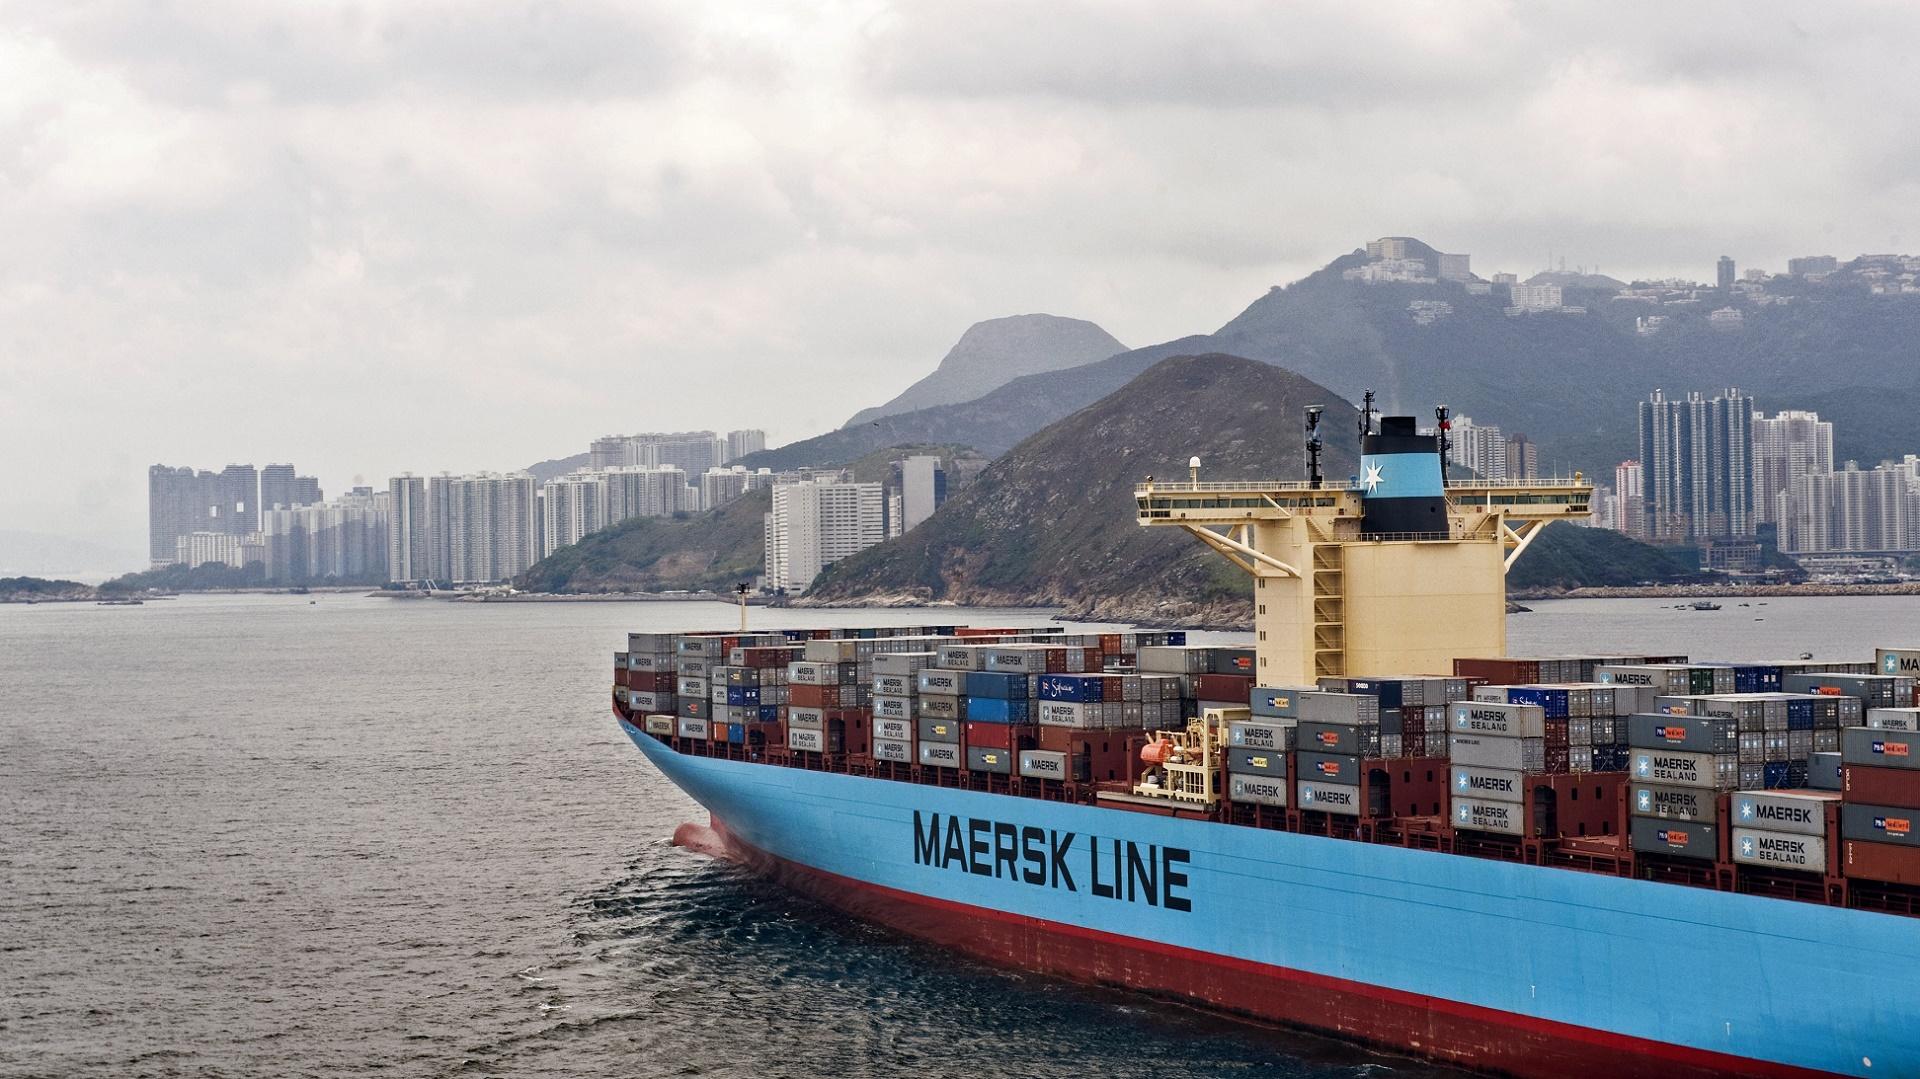 Innovación en el transporte de mercancías: Maersk usa Internet de las Cosas y drones